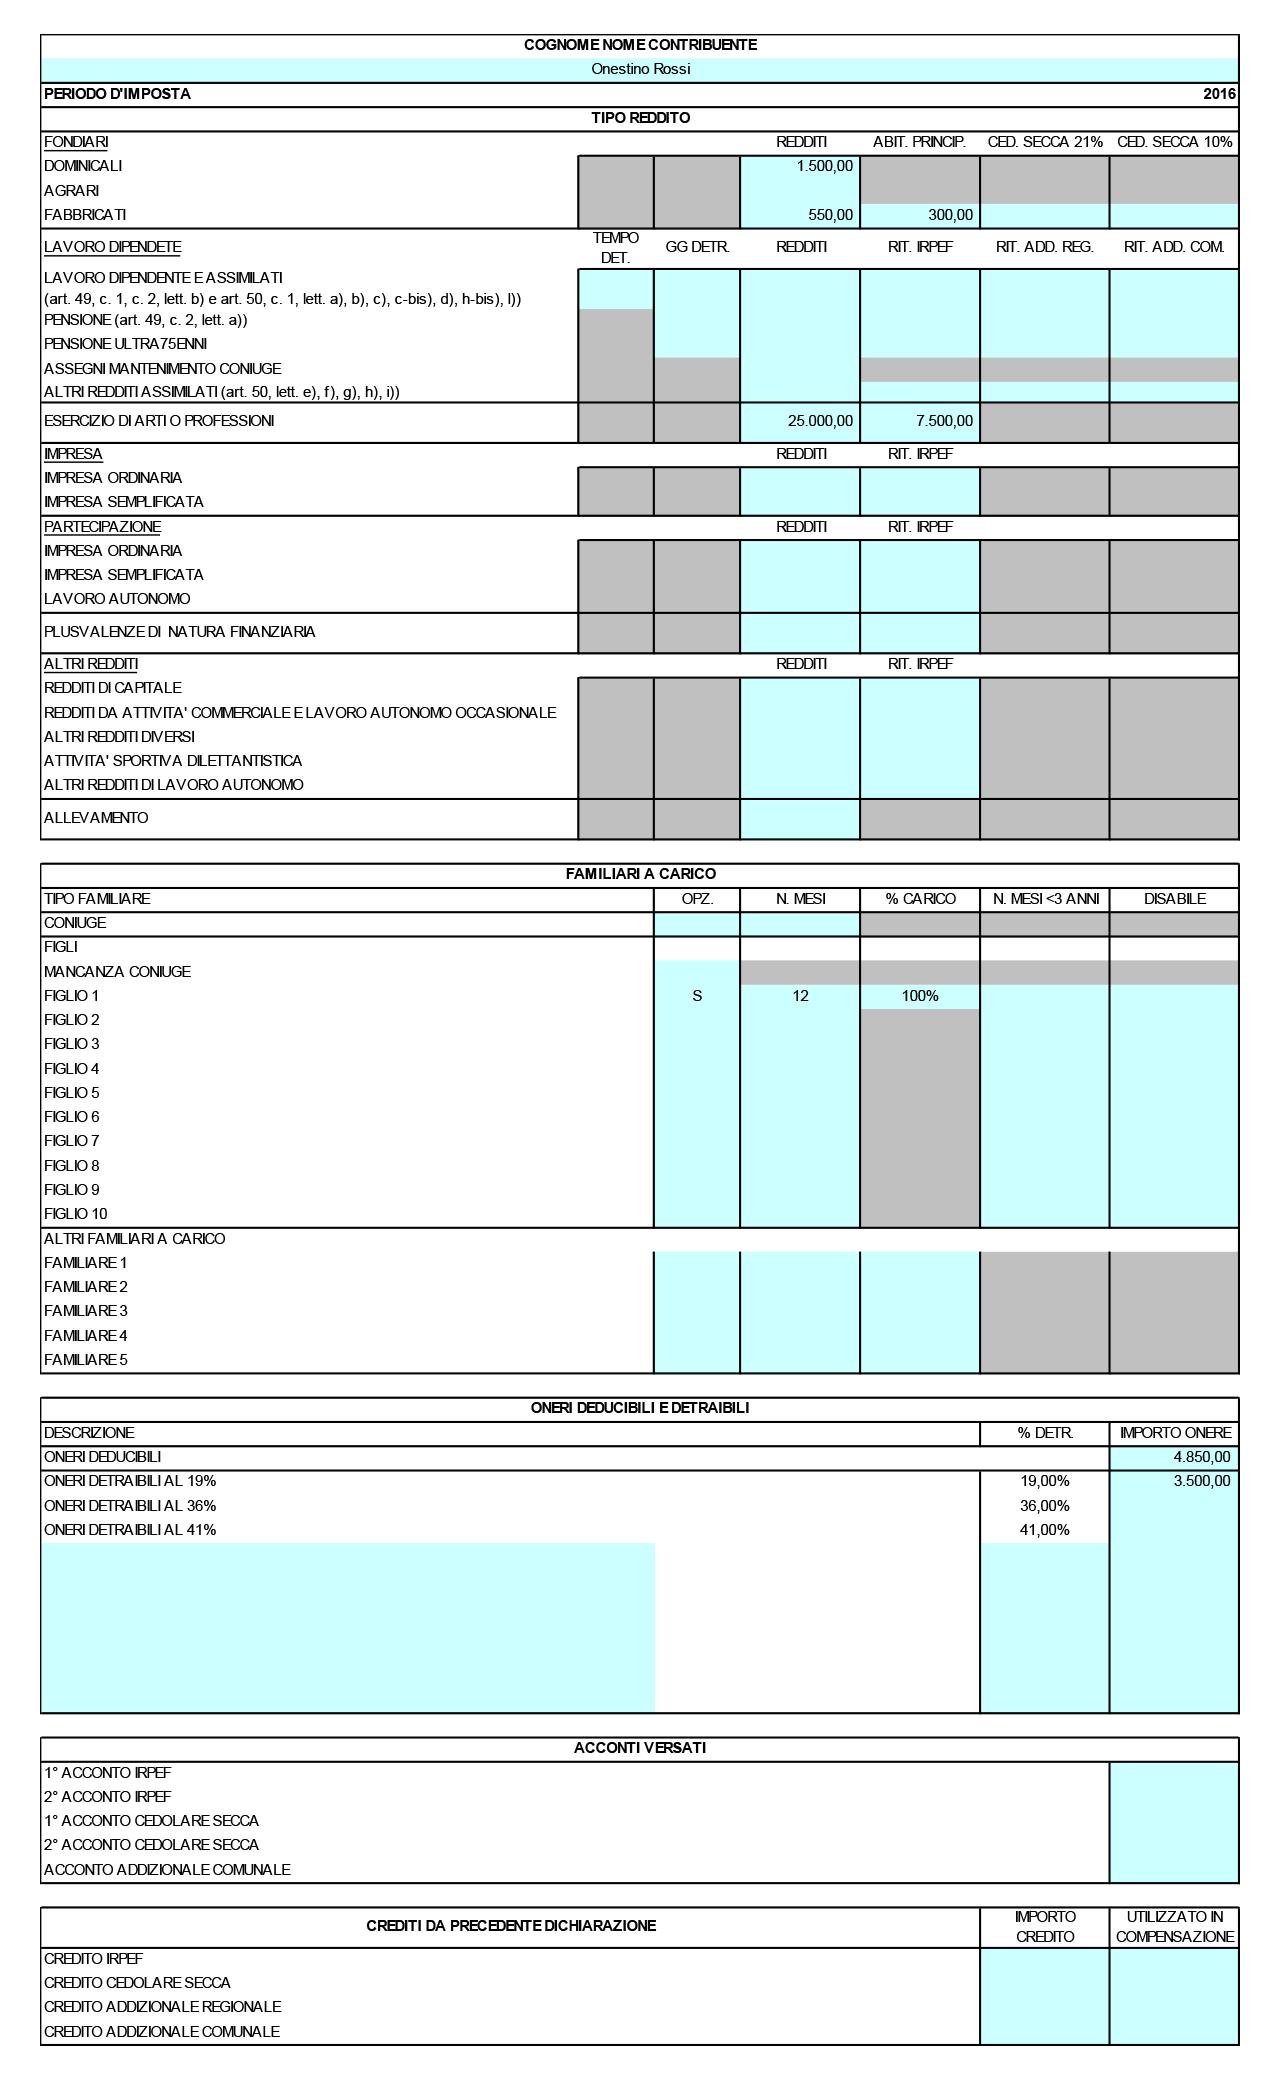 Calcolo previsionale IRPEF 2017 - Immagine 1 / 2